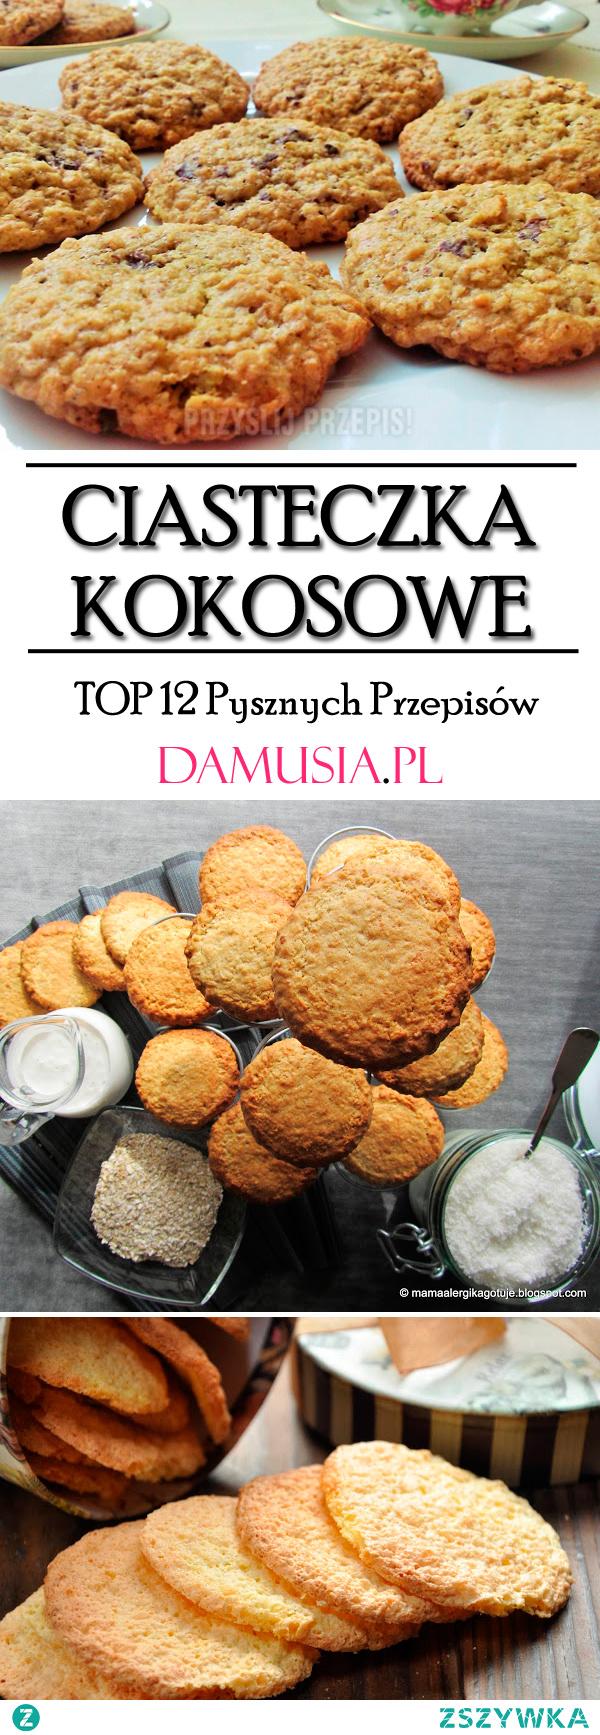 TOP 12 Pysznych Przepisów na Ciastka Kokosowe